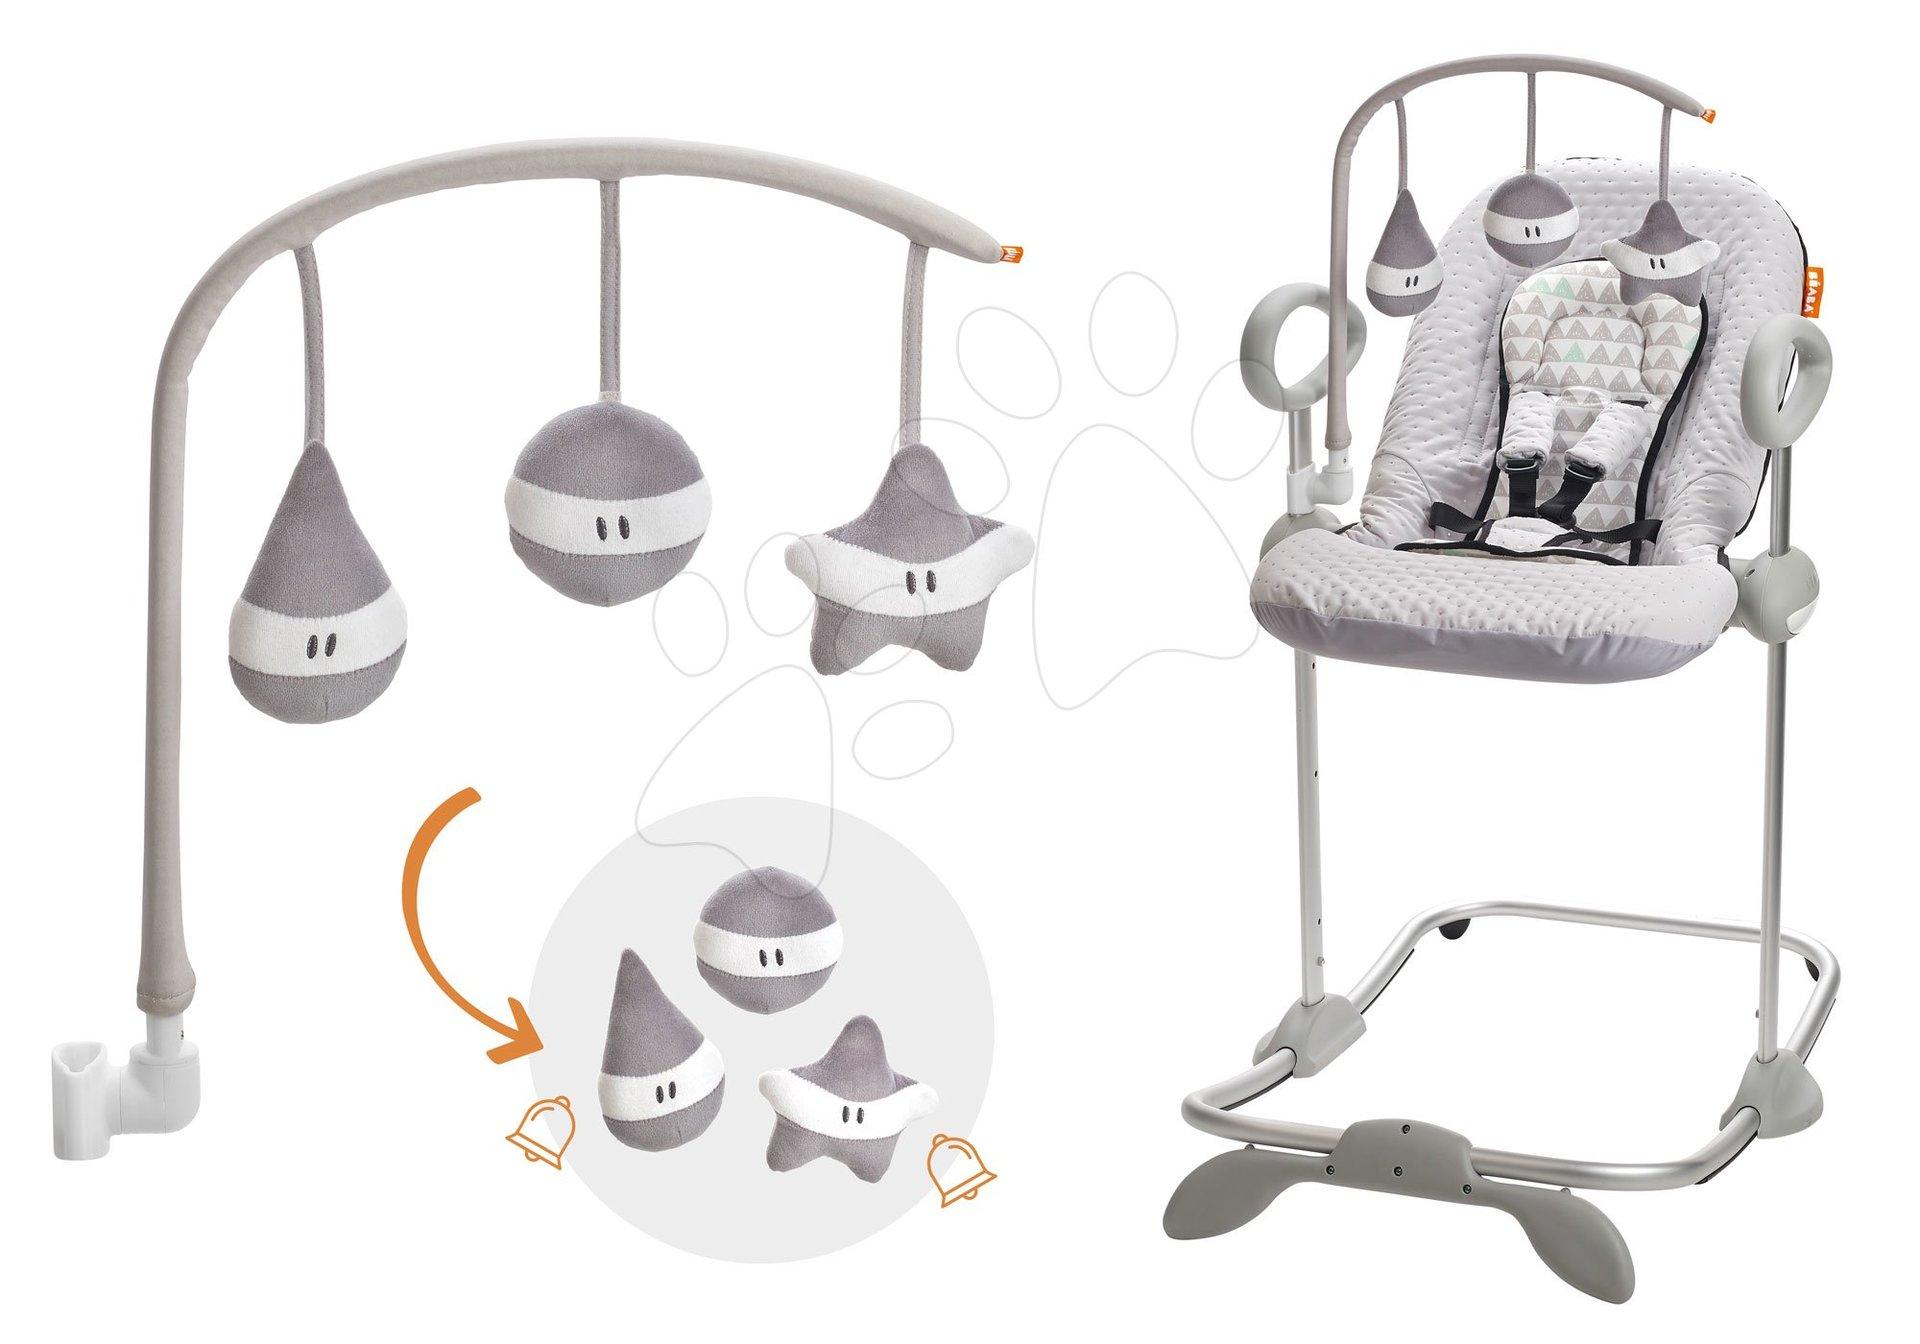 Beaba set detské polohovateľné lehátko Beaba Up&Down II Beaba a darček kolotoč nad lehátko Beaba Play šedý 912485-1